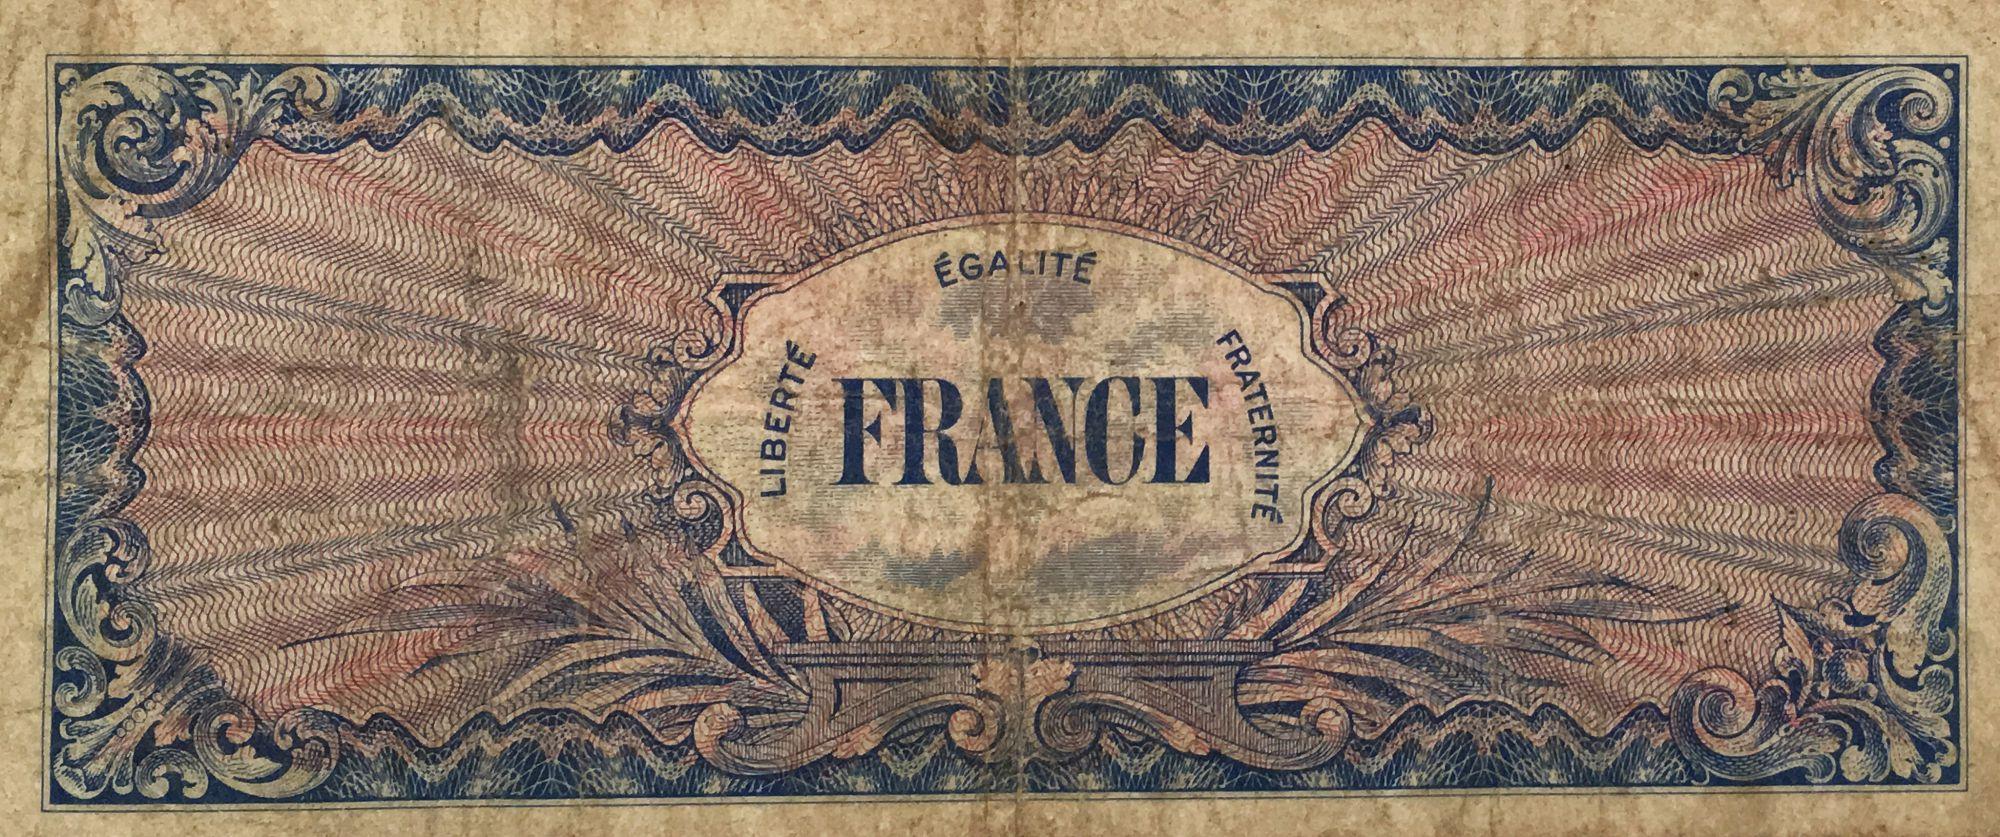 France 50 Francs Impr. américaine - 1944 - Sans série - PTB